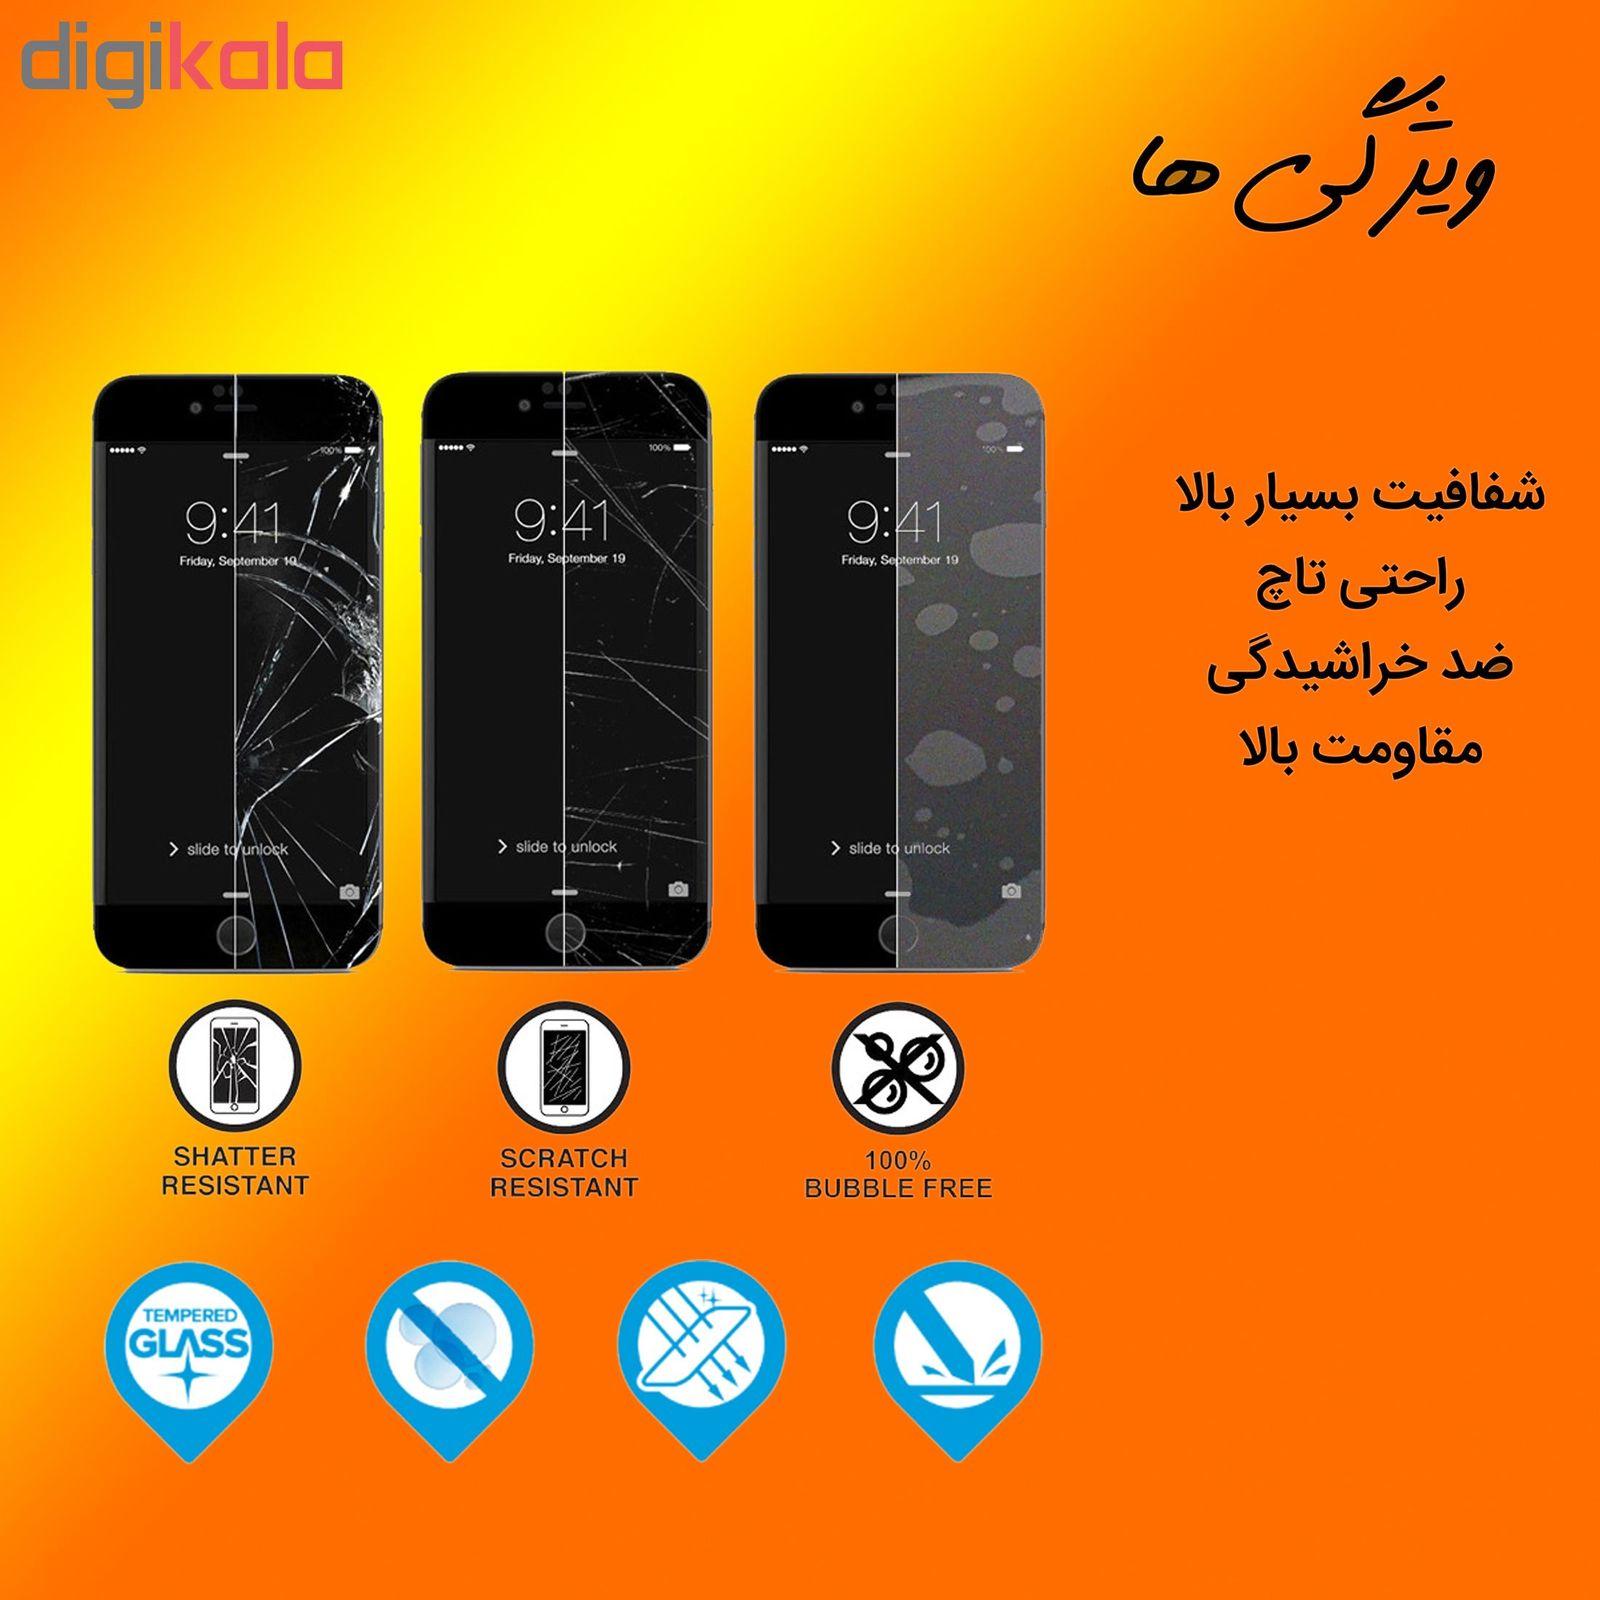 محافظ صفحه نمایش Hard and Thick مدل F-01 مناسب برای گوشی موبایل اپل Iphone 11 main 1 2